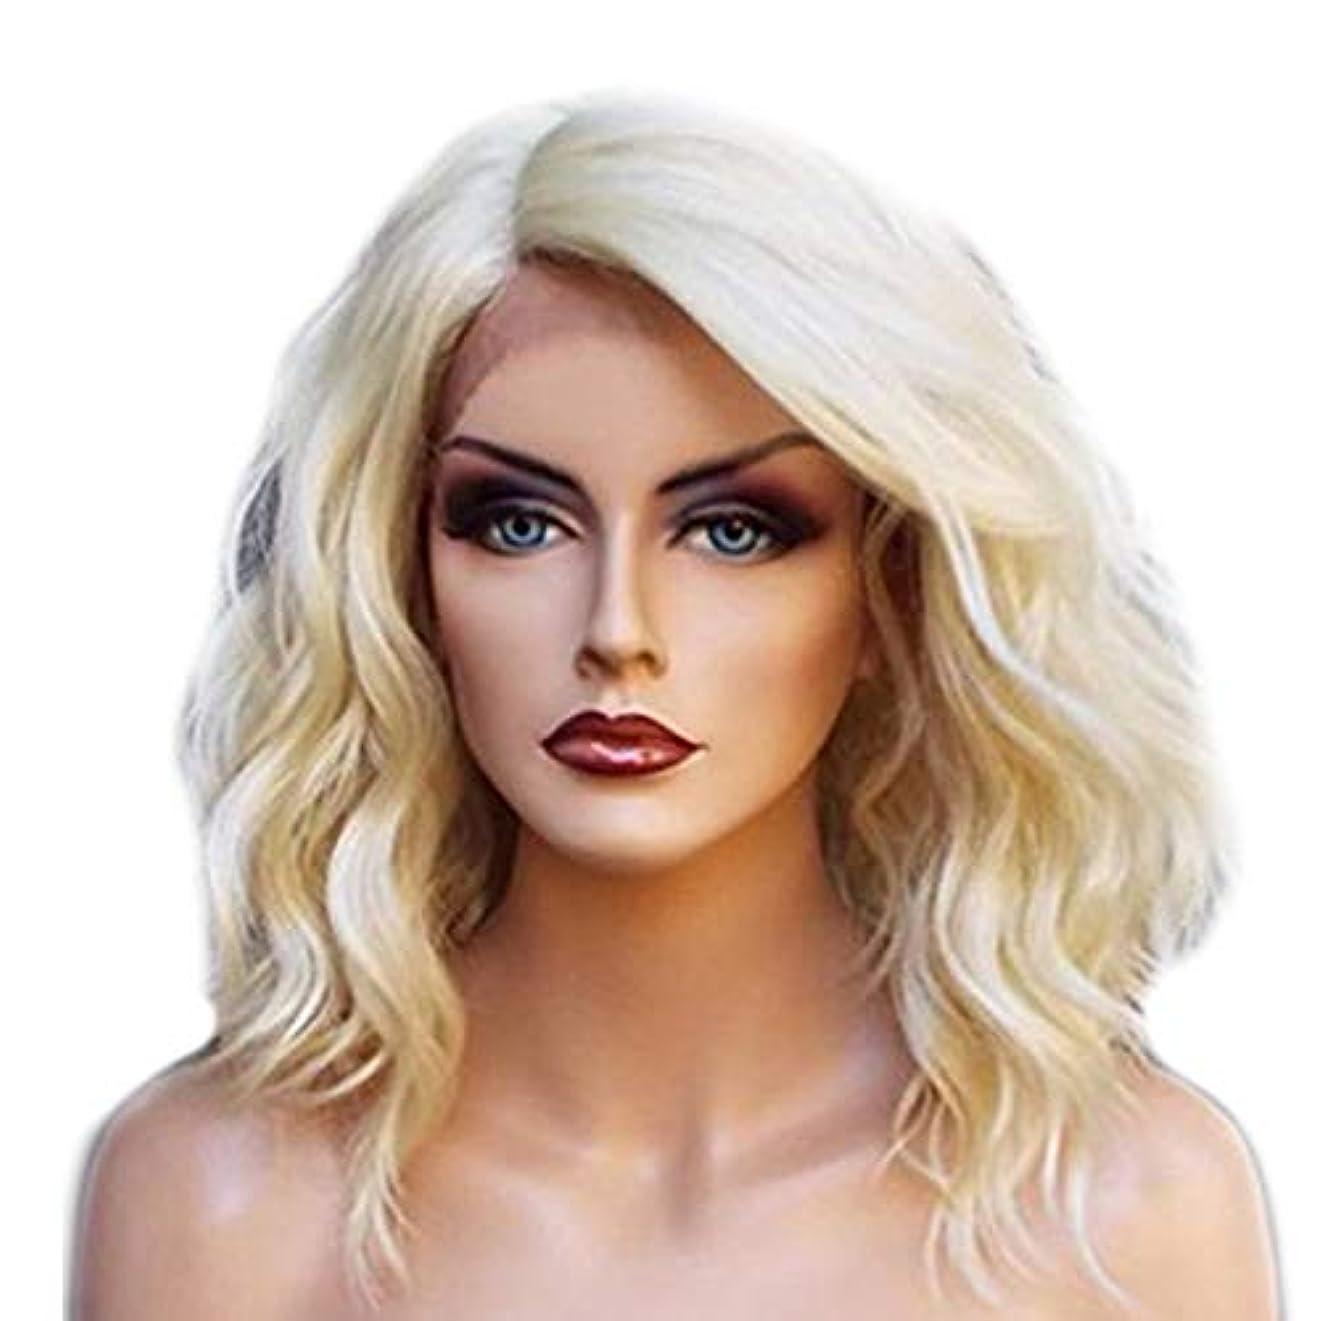 ヘルメット見て行進YOUQIU 女子金髪ショートカーリーヘアレースフロントウィッグ自然な合成かつら毎日ウィッグを着用してください (色 : Blonde)